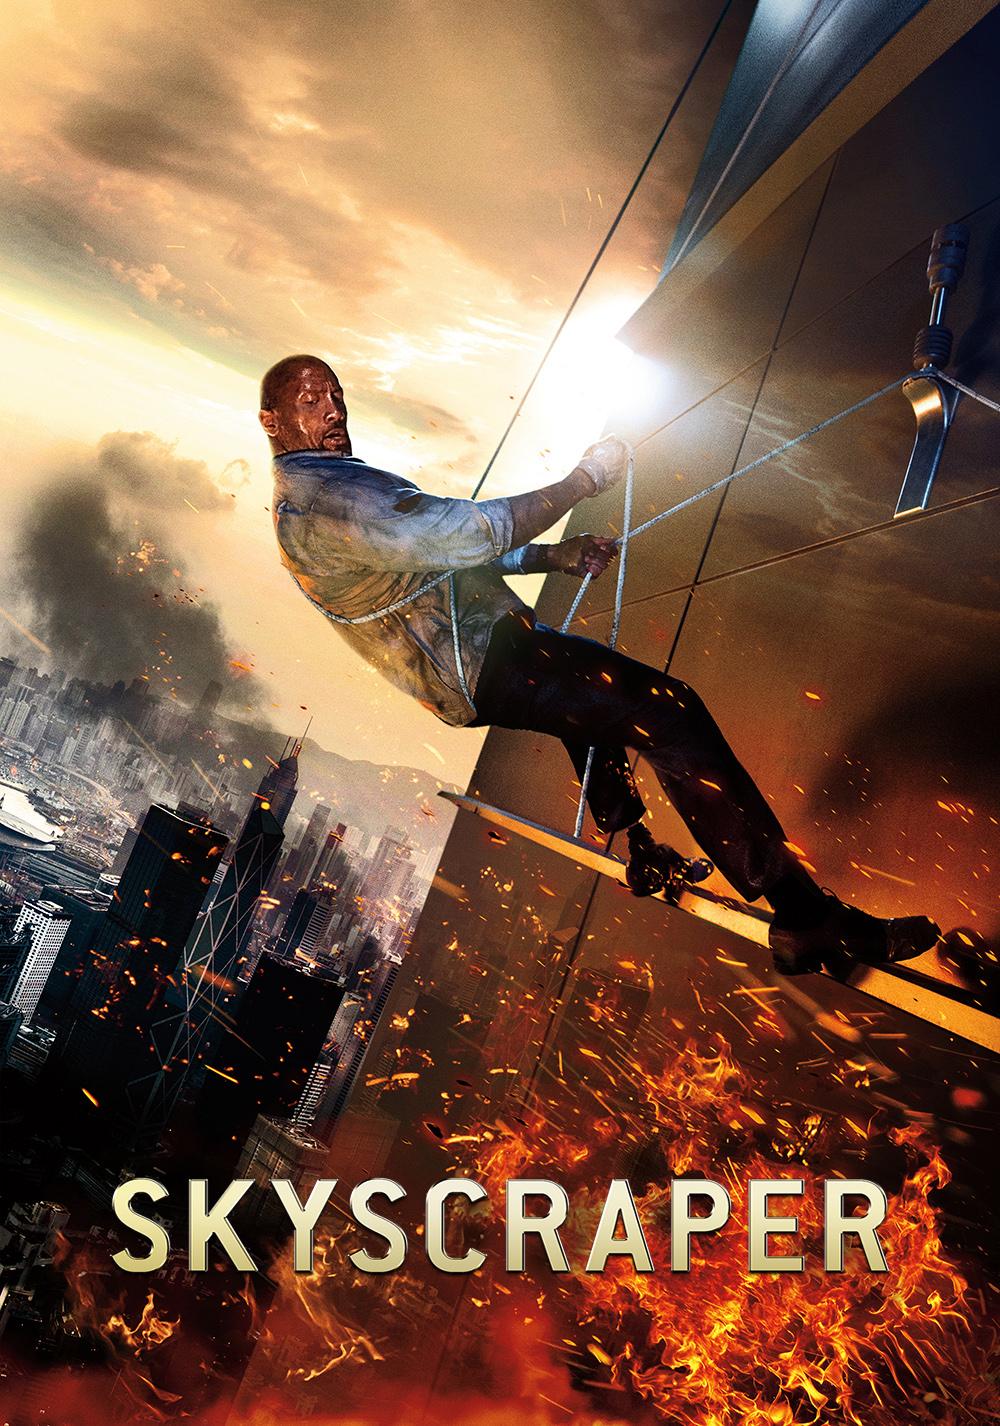 Skyscraper Movie